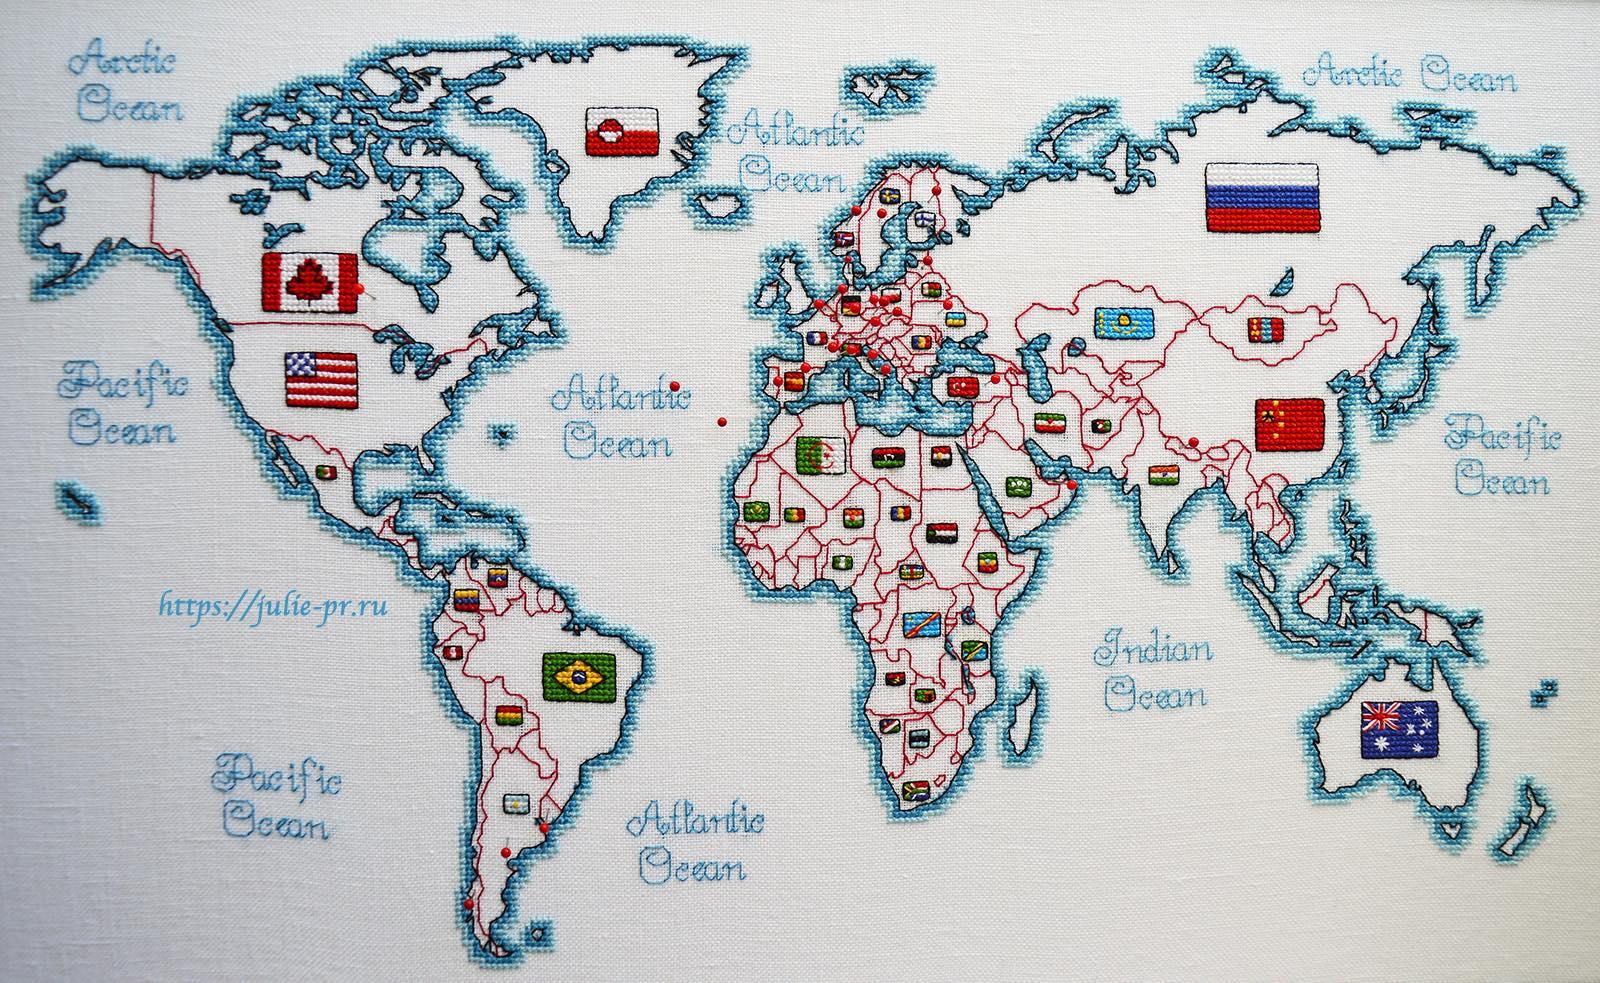 Вышивка крестом DMC K3413 DMC K3413 - Oceania collection, Карта мира